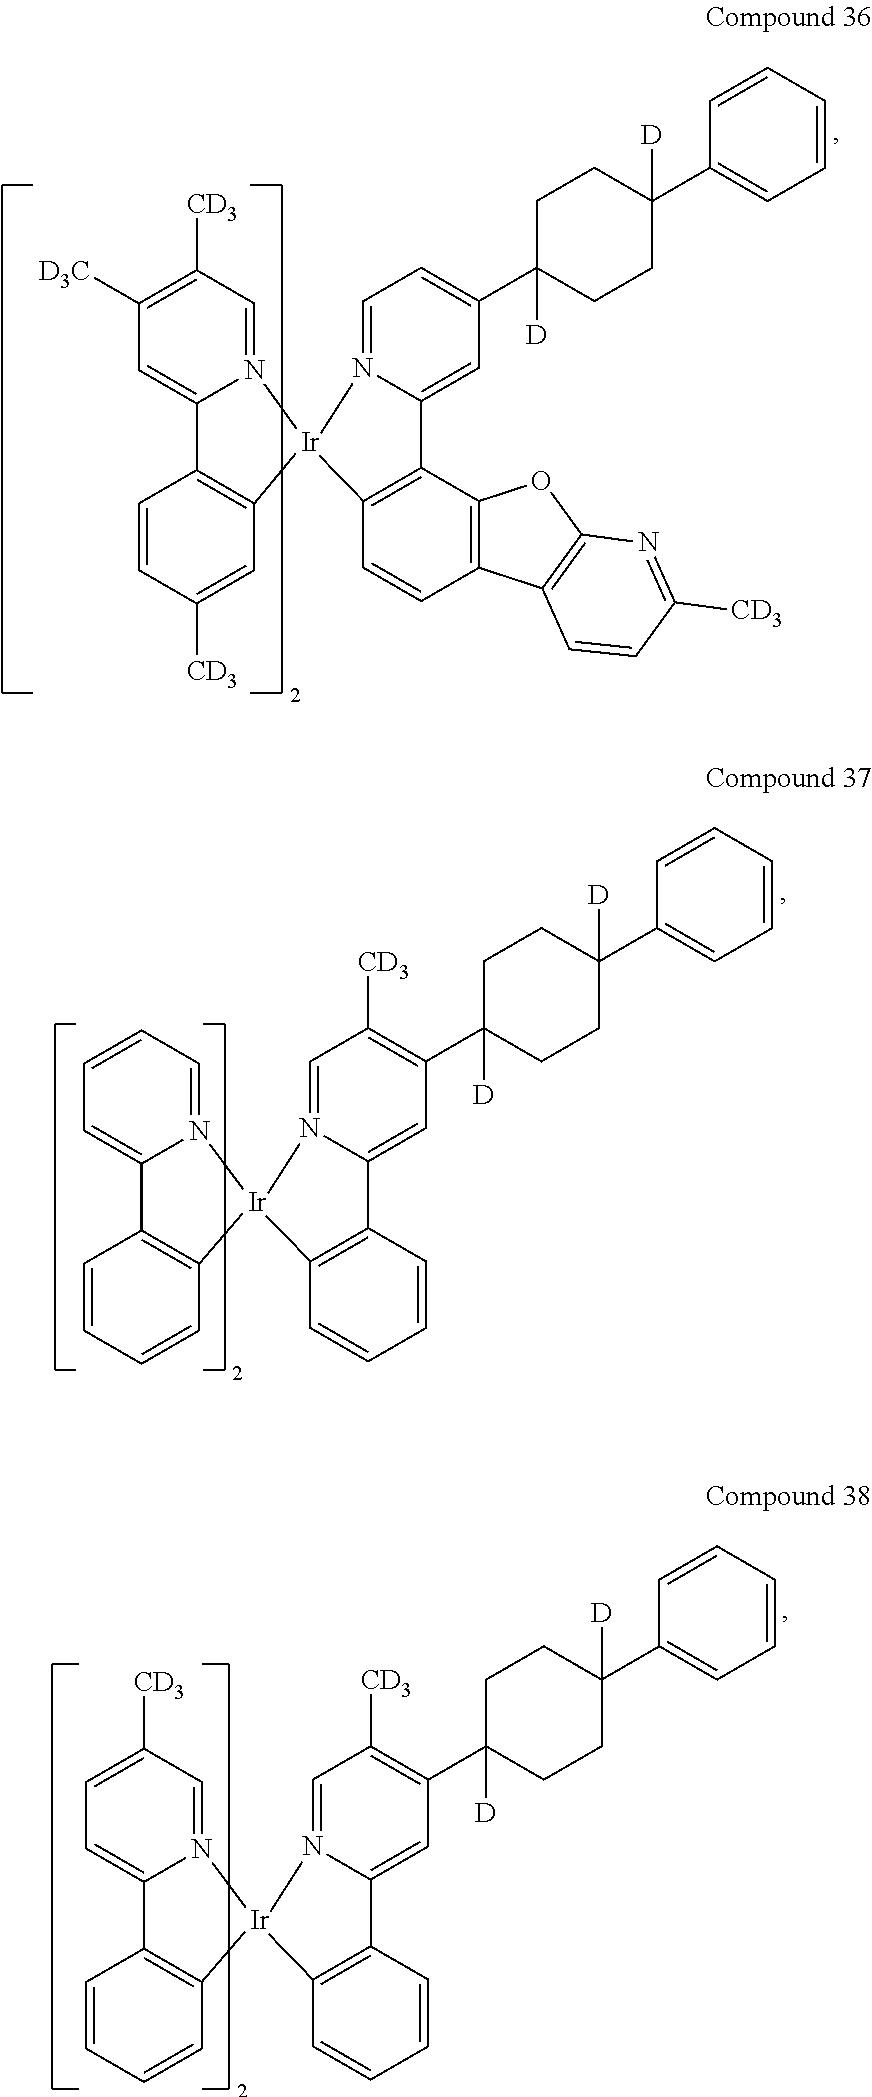 Figure US20180076393A1-20180315-C00033